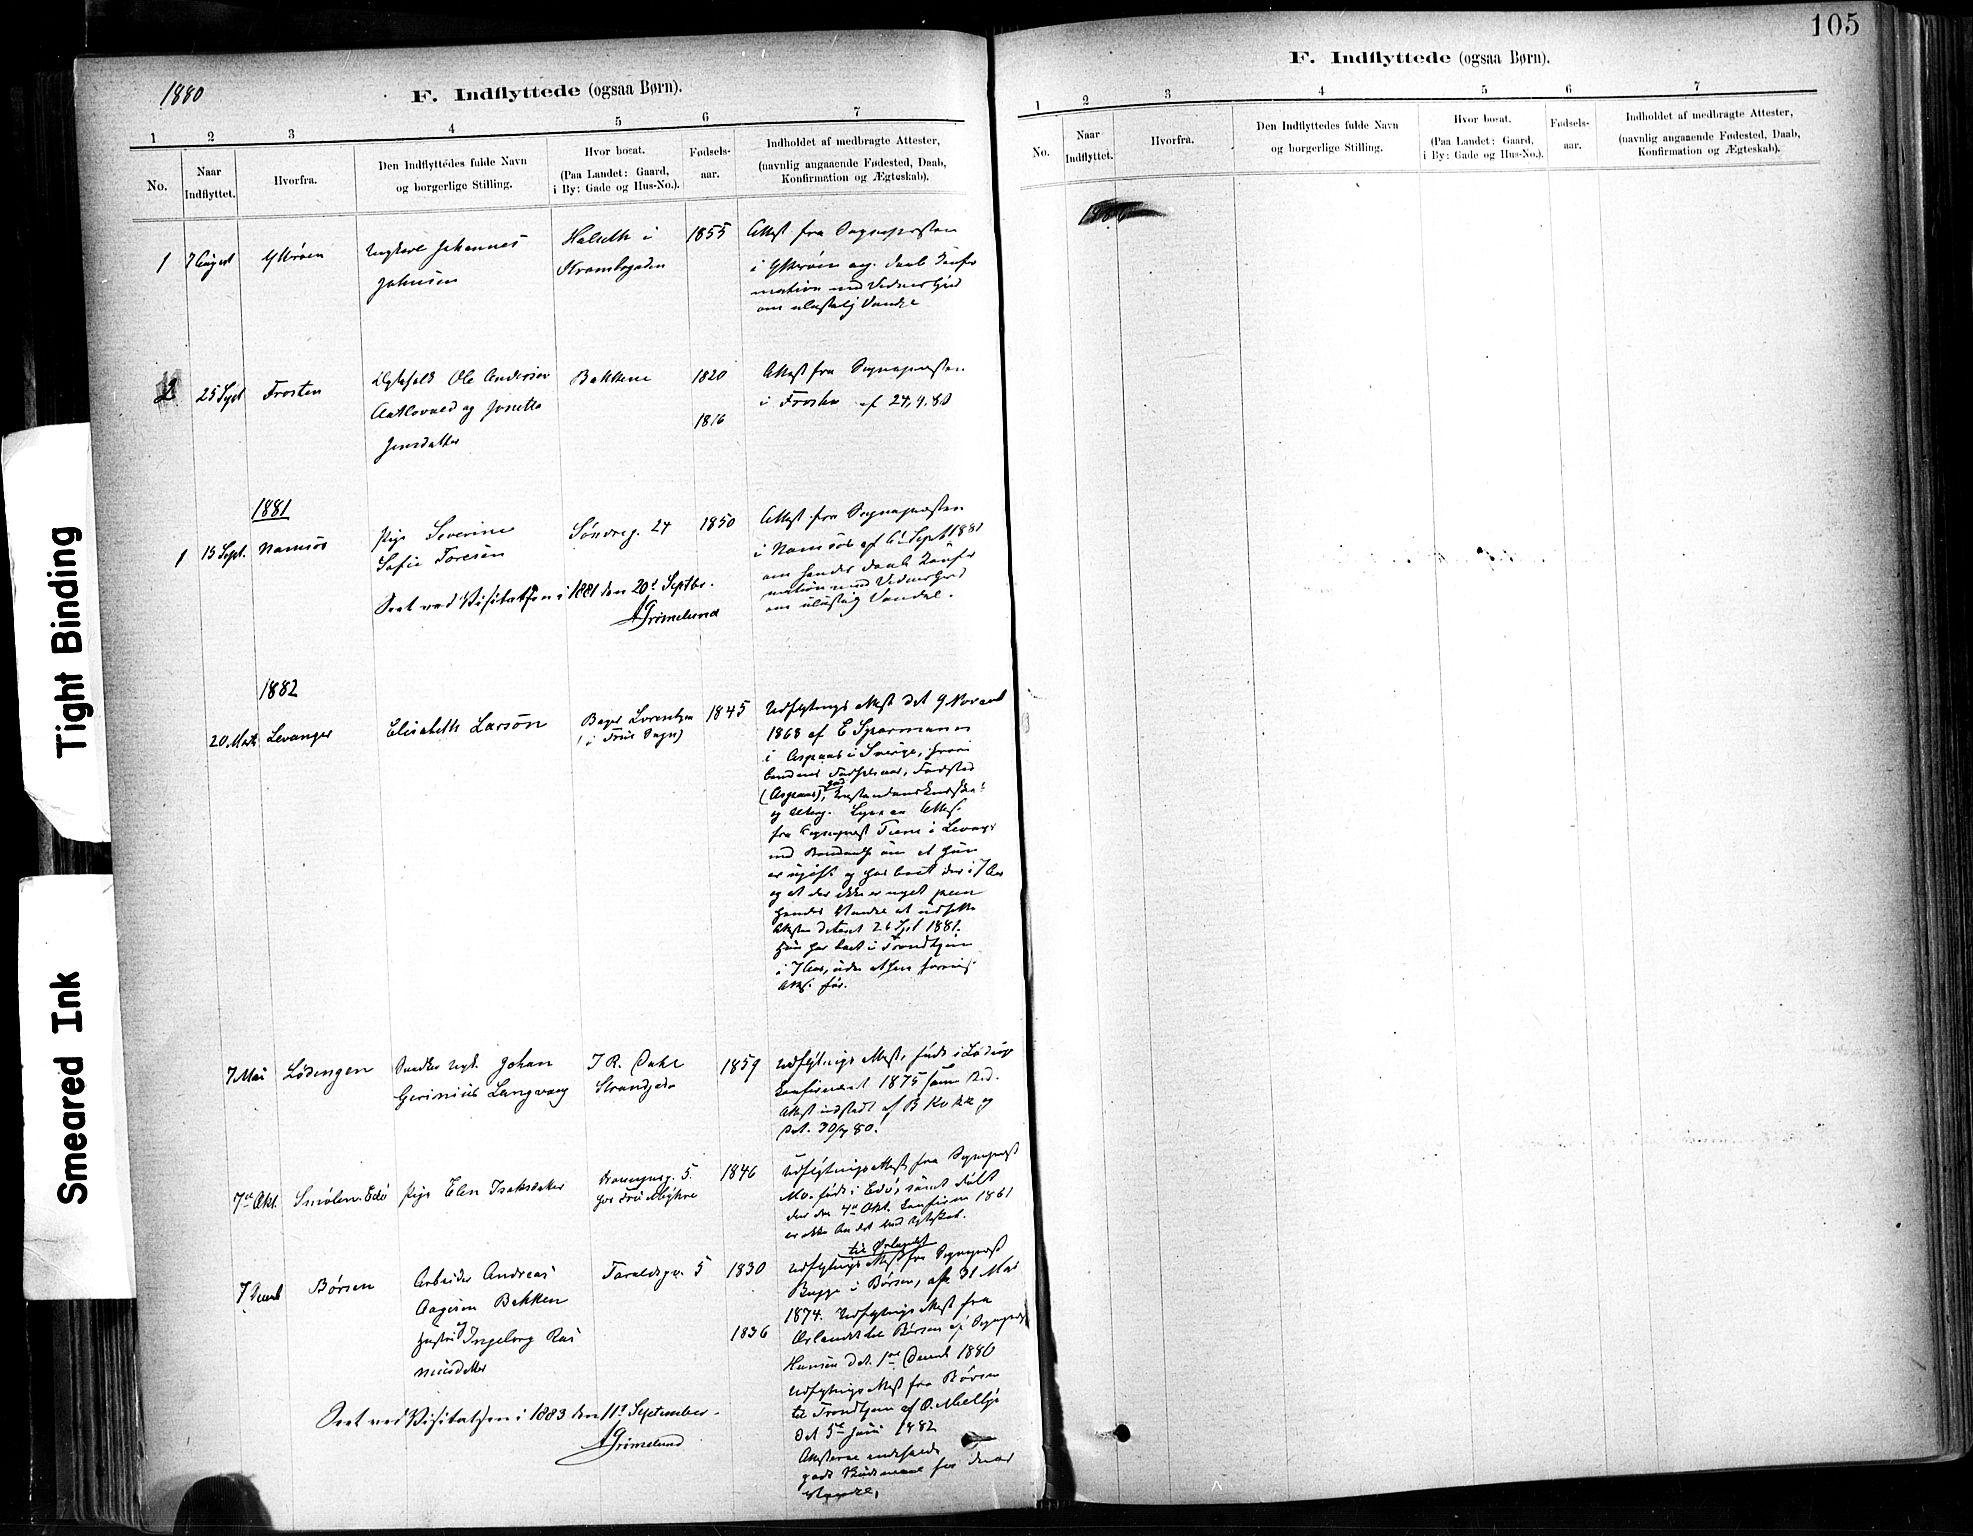 SAT, Ministerialprotokoller, klokkerbøker og fødselsregistre - Sør-Trøndelag, 602/L0120: Ministerialbok nr. 602A18, 1880-1913, s. 105